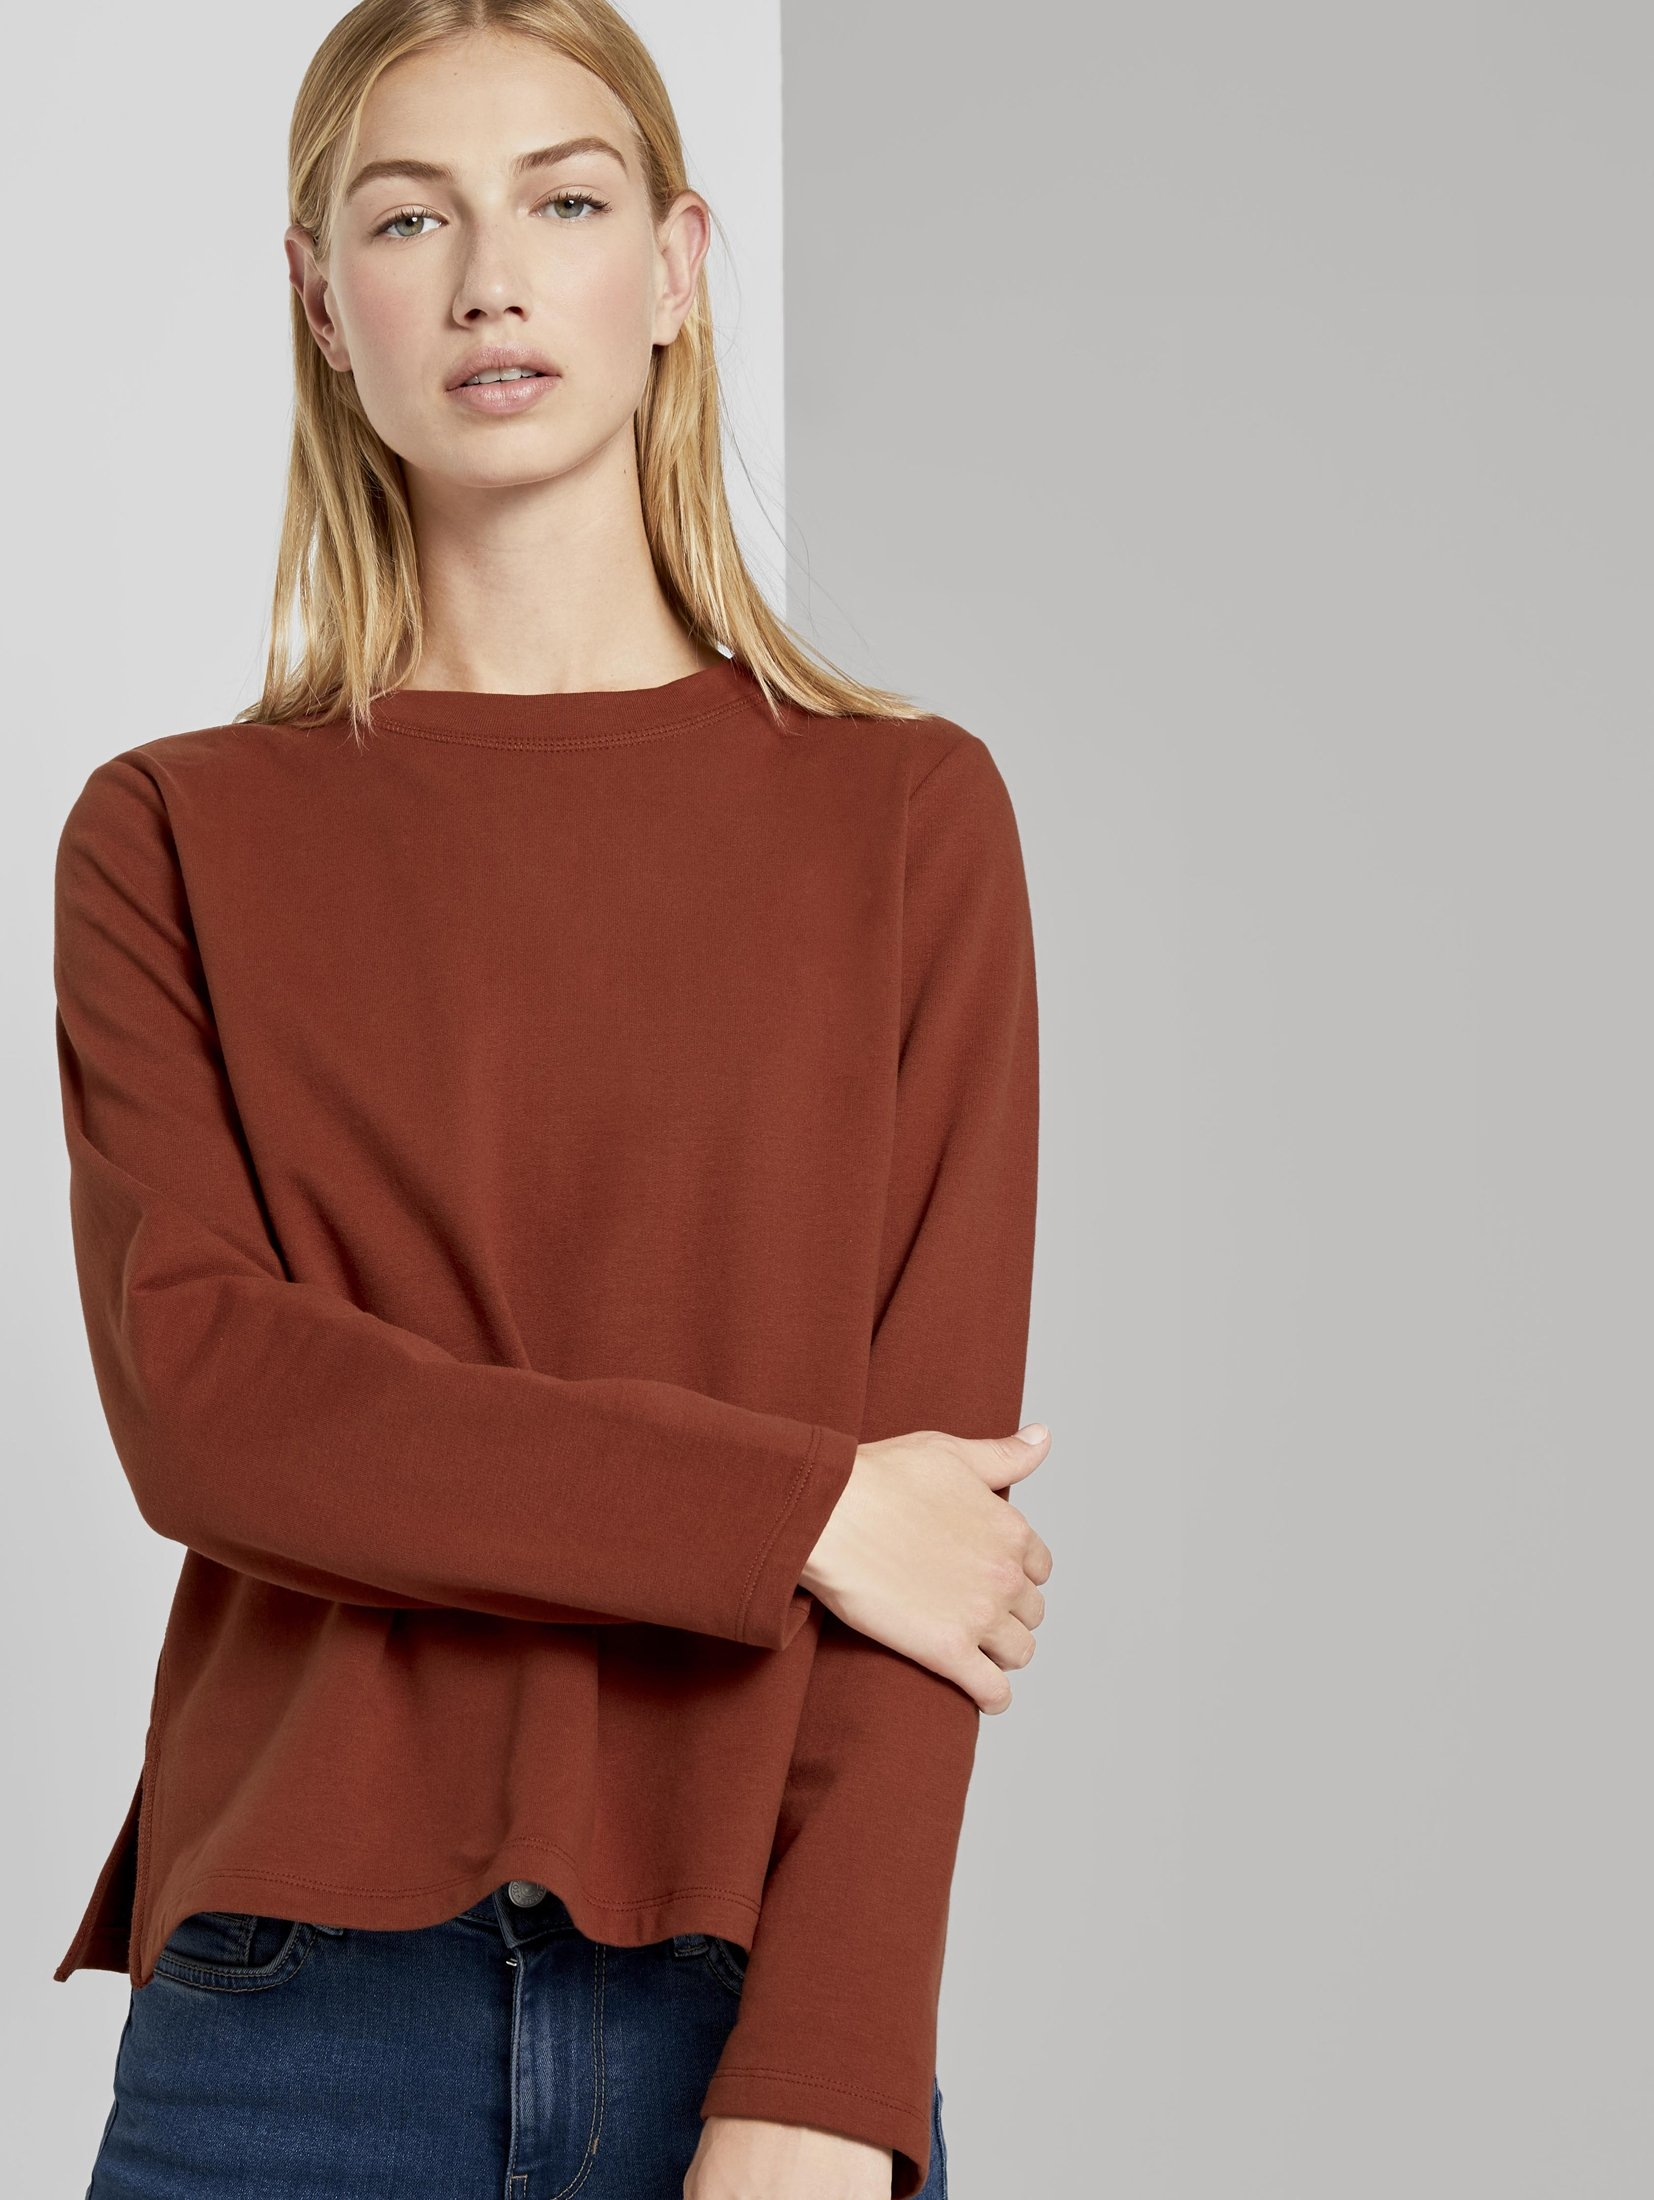 TOM TAILOR Denim sweatshirt »Sweatshirt mit Seitenschlitzen« veilig op otto.nl kopen